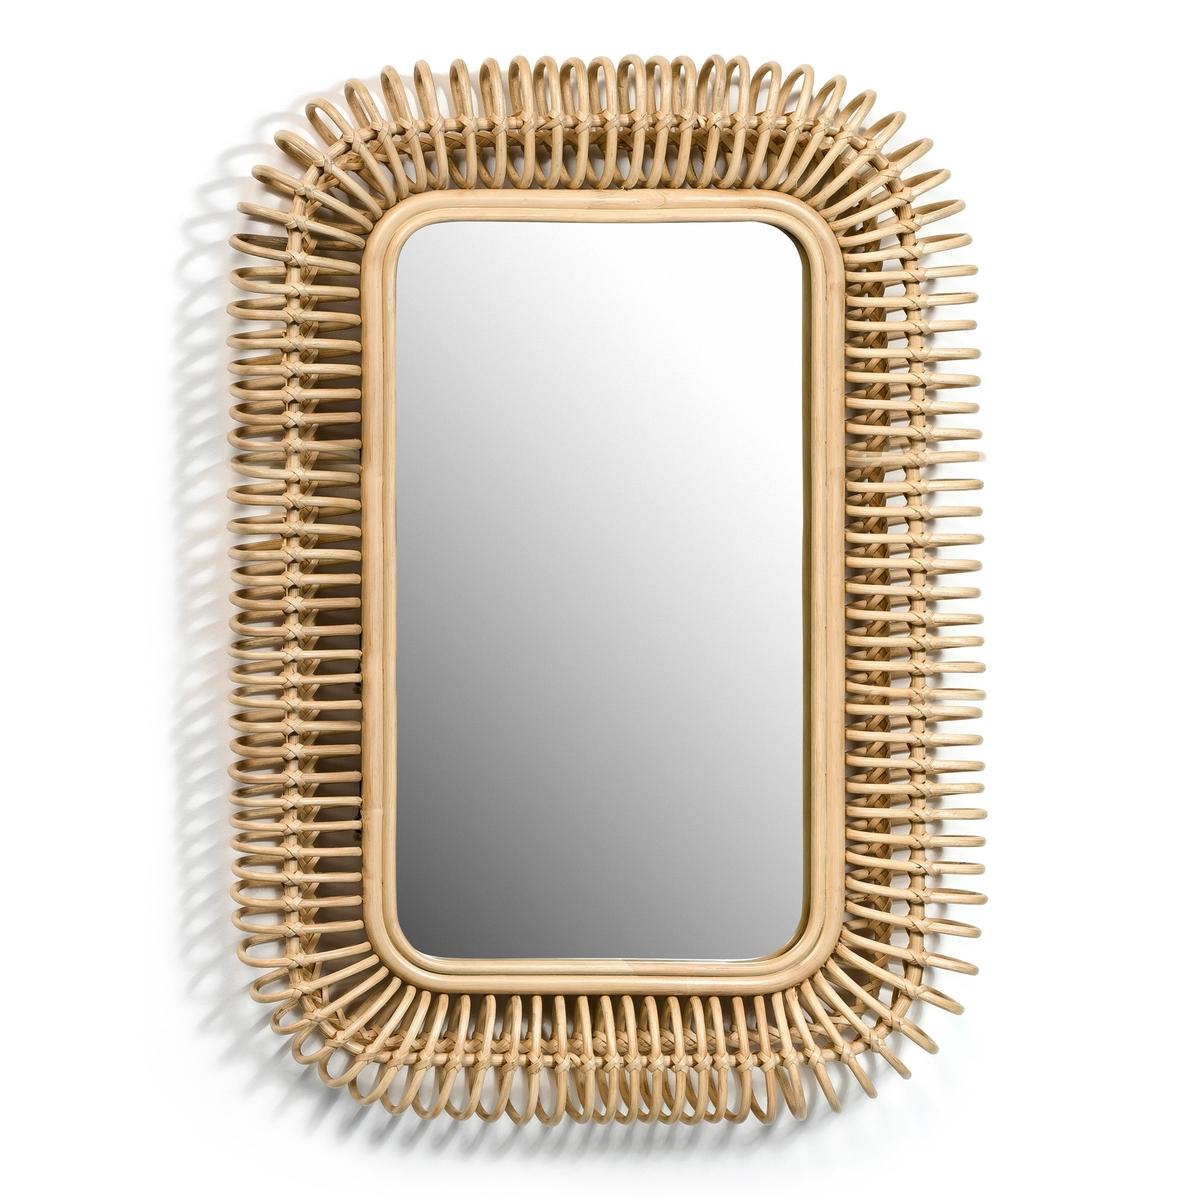 Зеркало из ротанга Д90 x В60 см, TarsileЗеркало Tarsile. Добавит естественных штрихов в ваш интерьер… Используется отдельно или с зеркалами других размеров Tarsile, представленными на сайте. Характеристики: : - Из ротанга натурального или черного цвета, задняя часть из МДФ. - Крепится на стене с помощью 2 пластин. - Вешается горизонтально или вертикально. Размеры : - Ш 90 x В 60 x Г 7 см.    Размеры и вес упаковки : - Ш 61,5 x В 93 x Г 11 см, 5,8 кг<br><br>Цвет: серо-бежевый